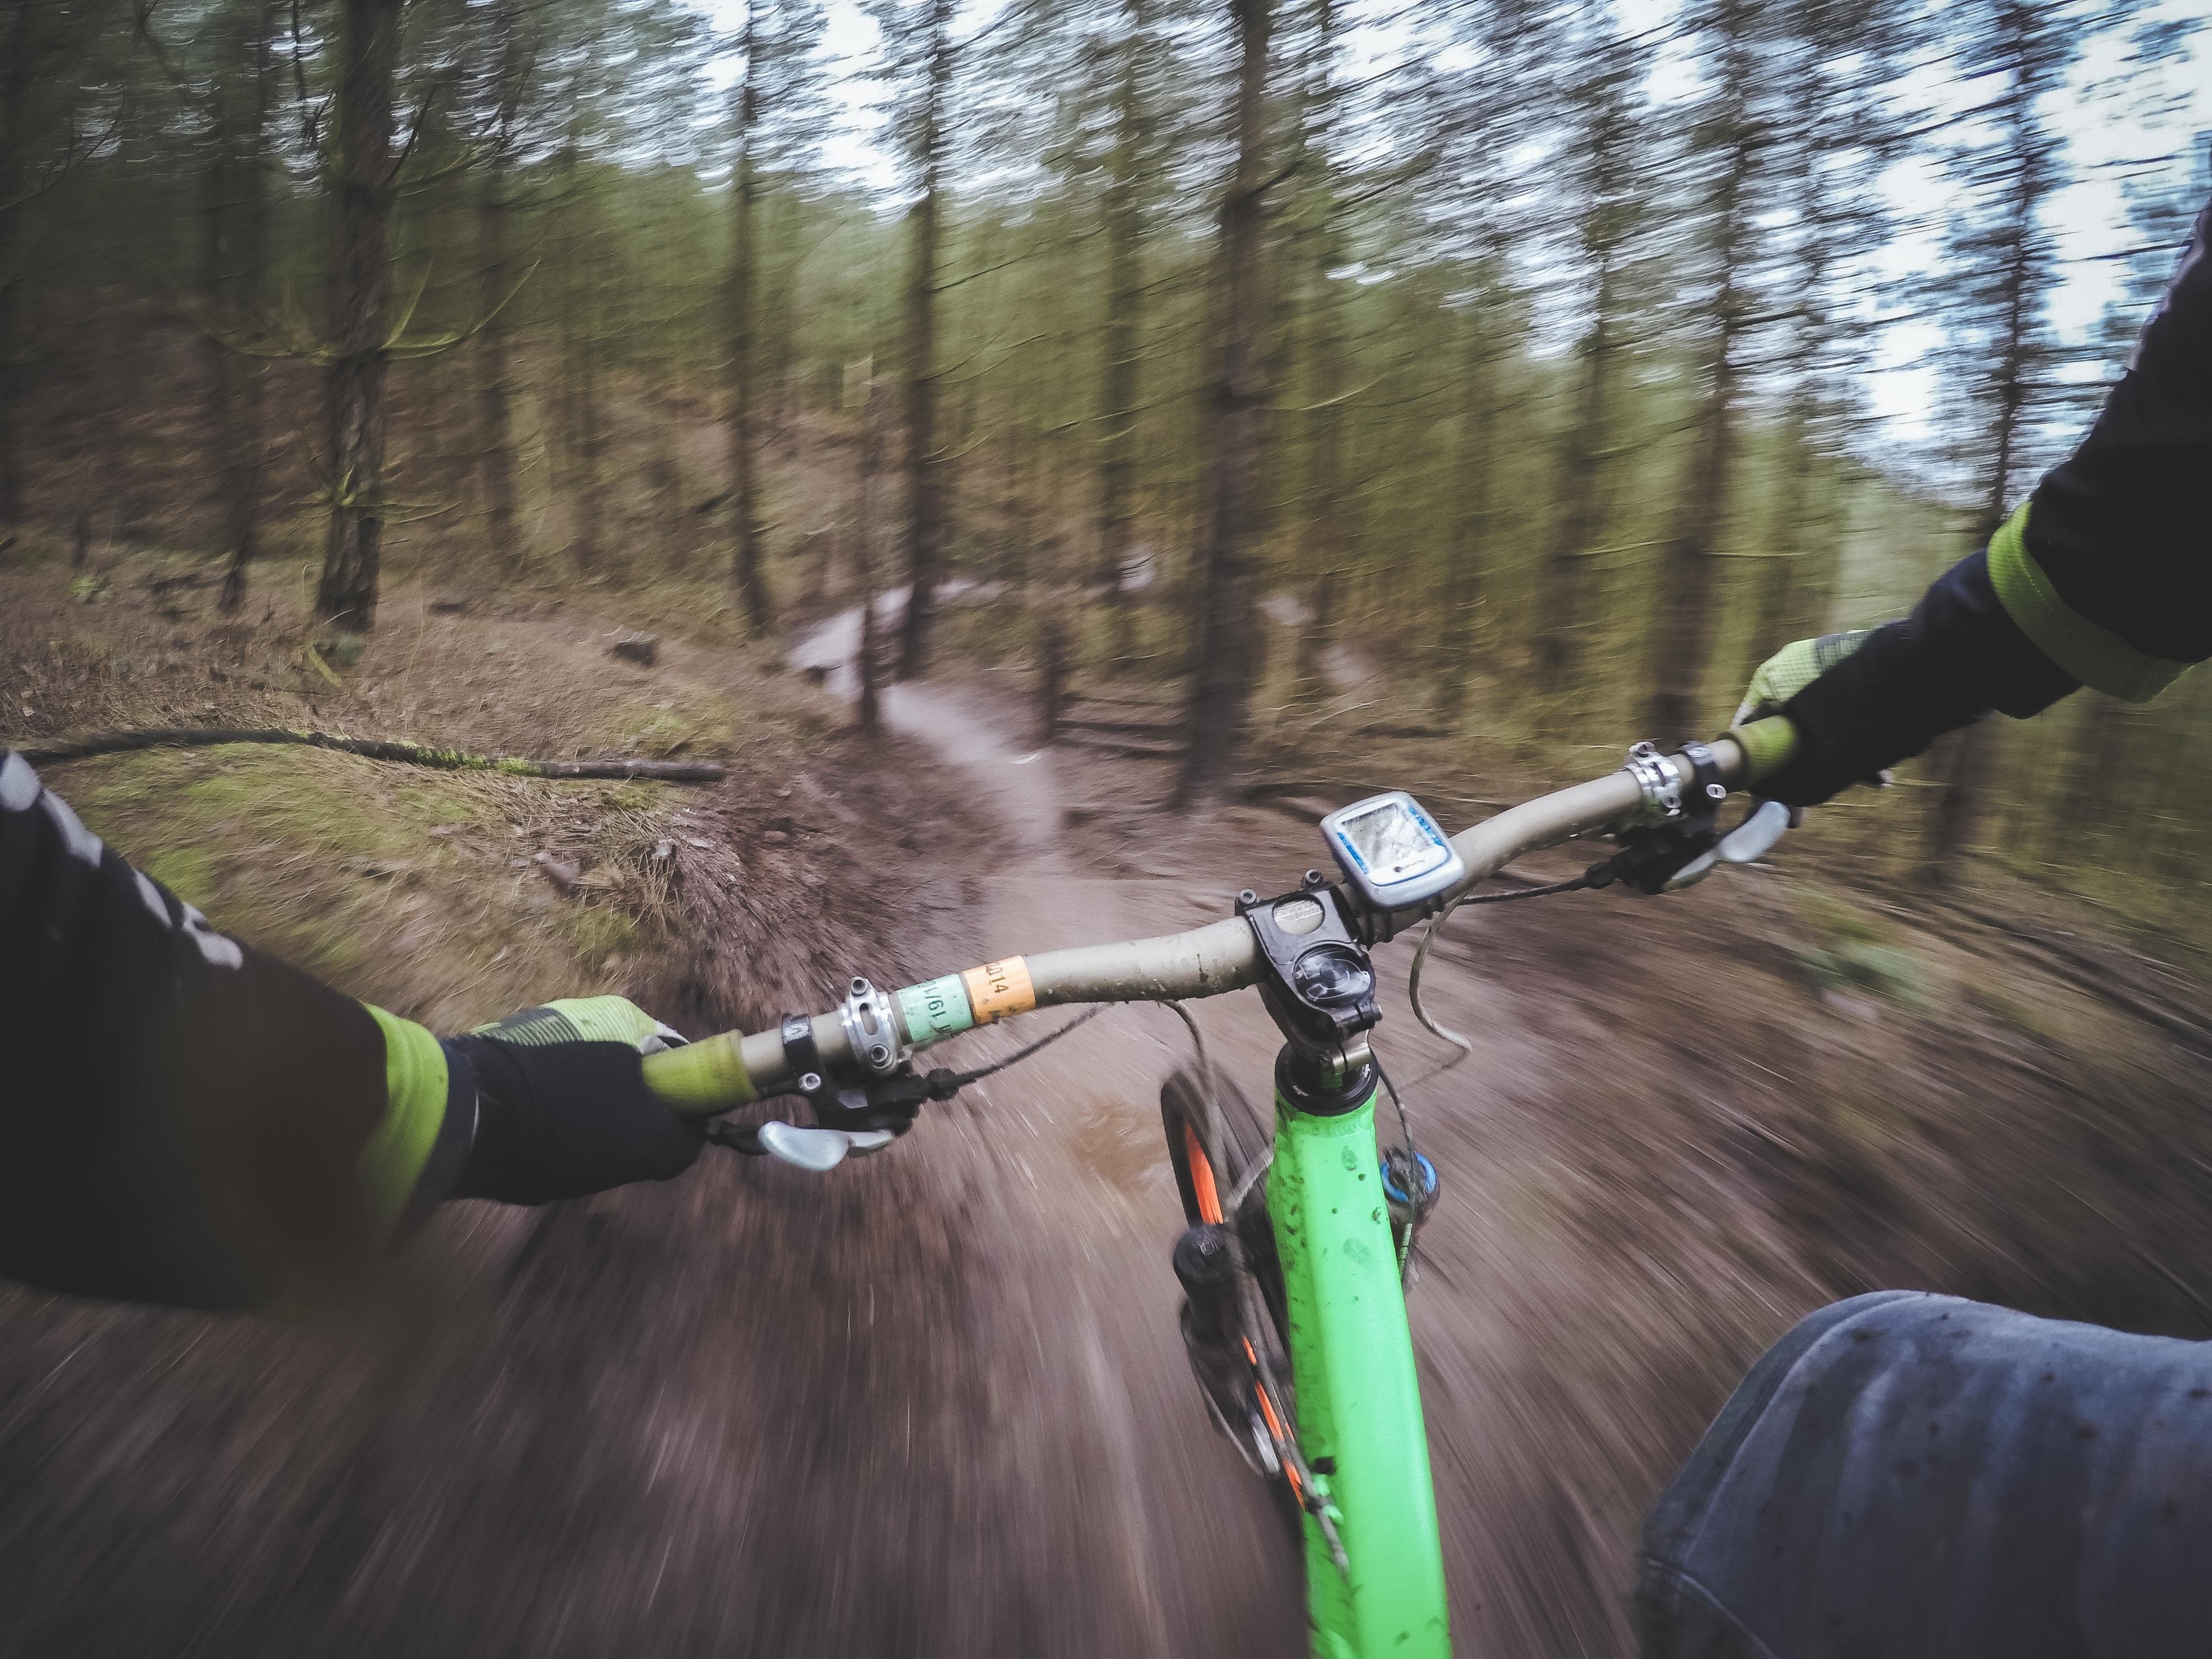 bicicleta-esportes-ar-livre-natureza